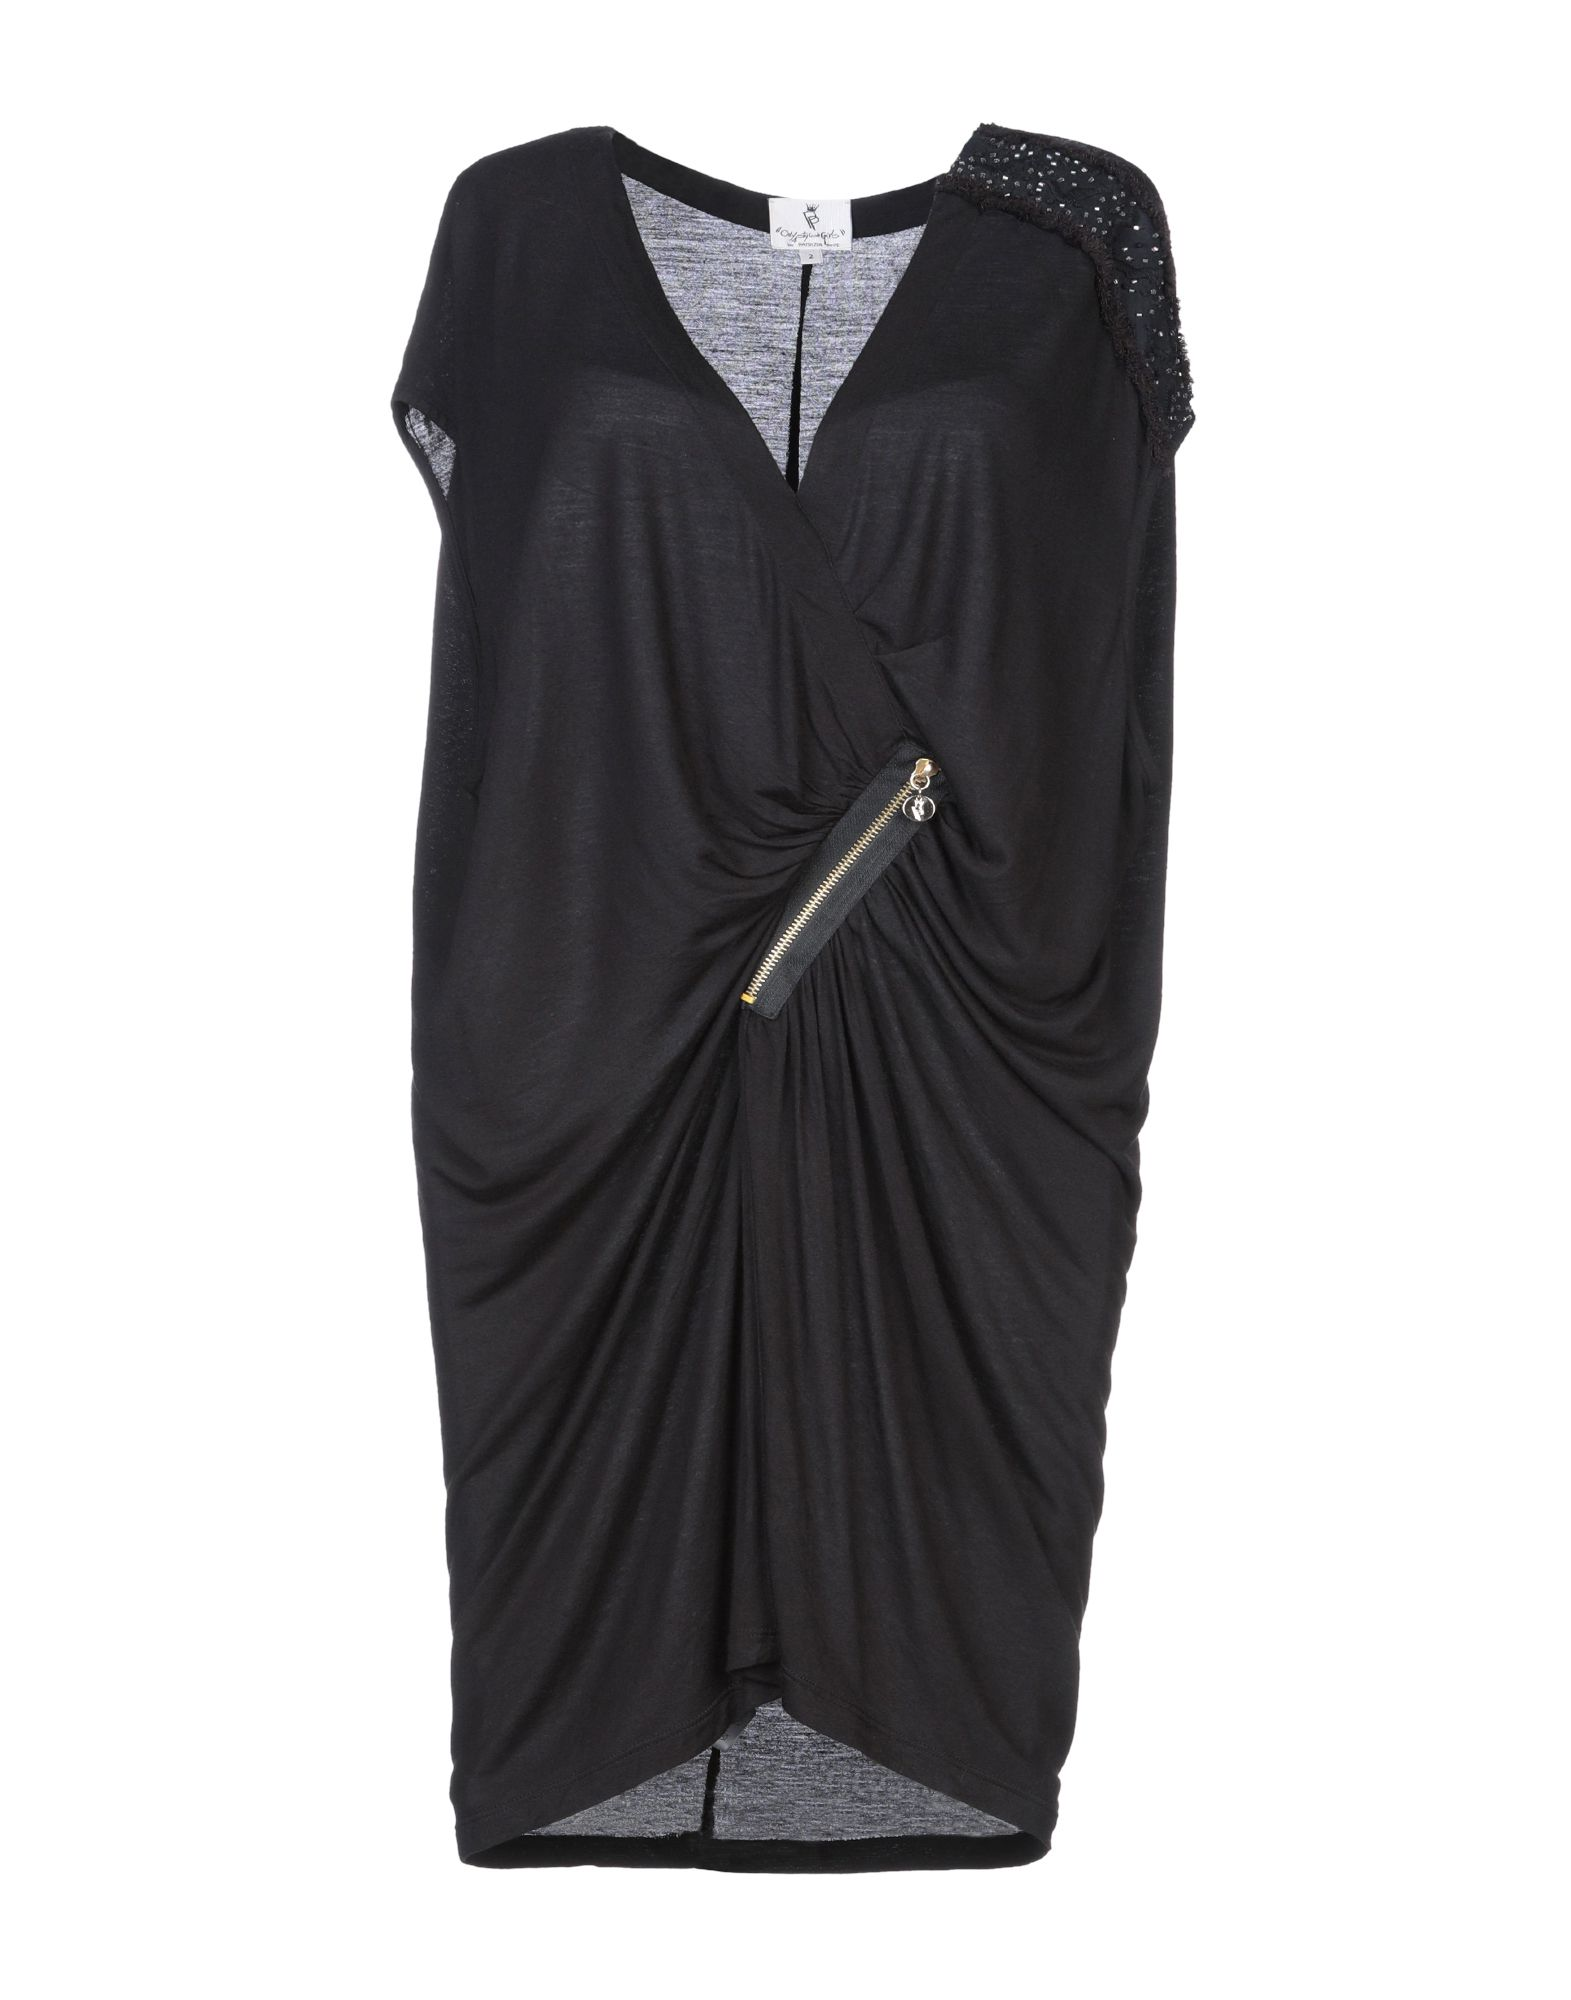 ONLY 4 STYLISH GIRLS by PATRIZIA PEPE Платье до колена